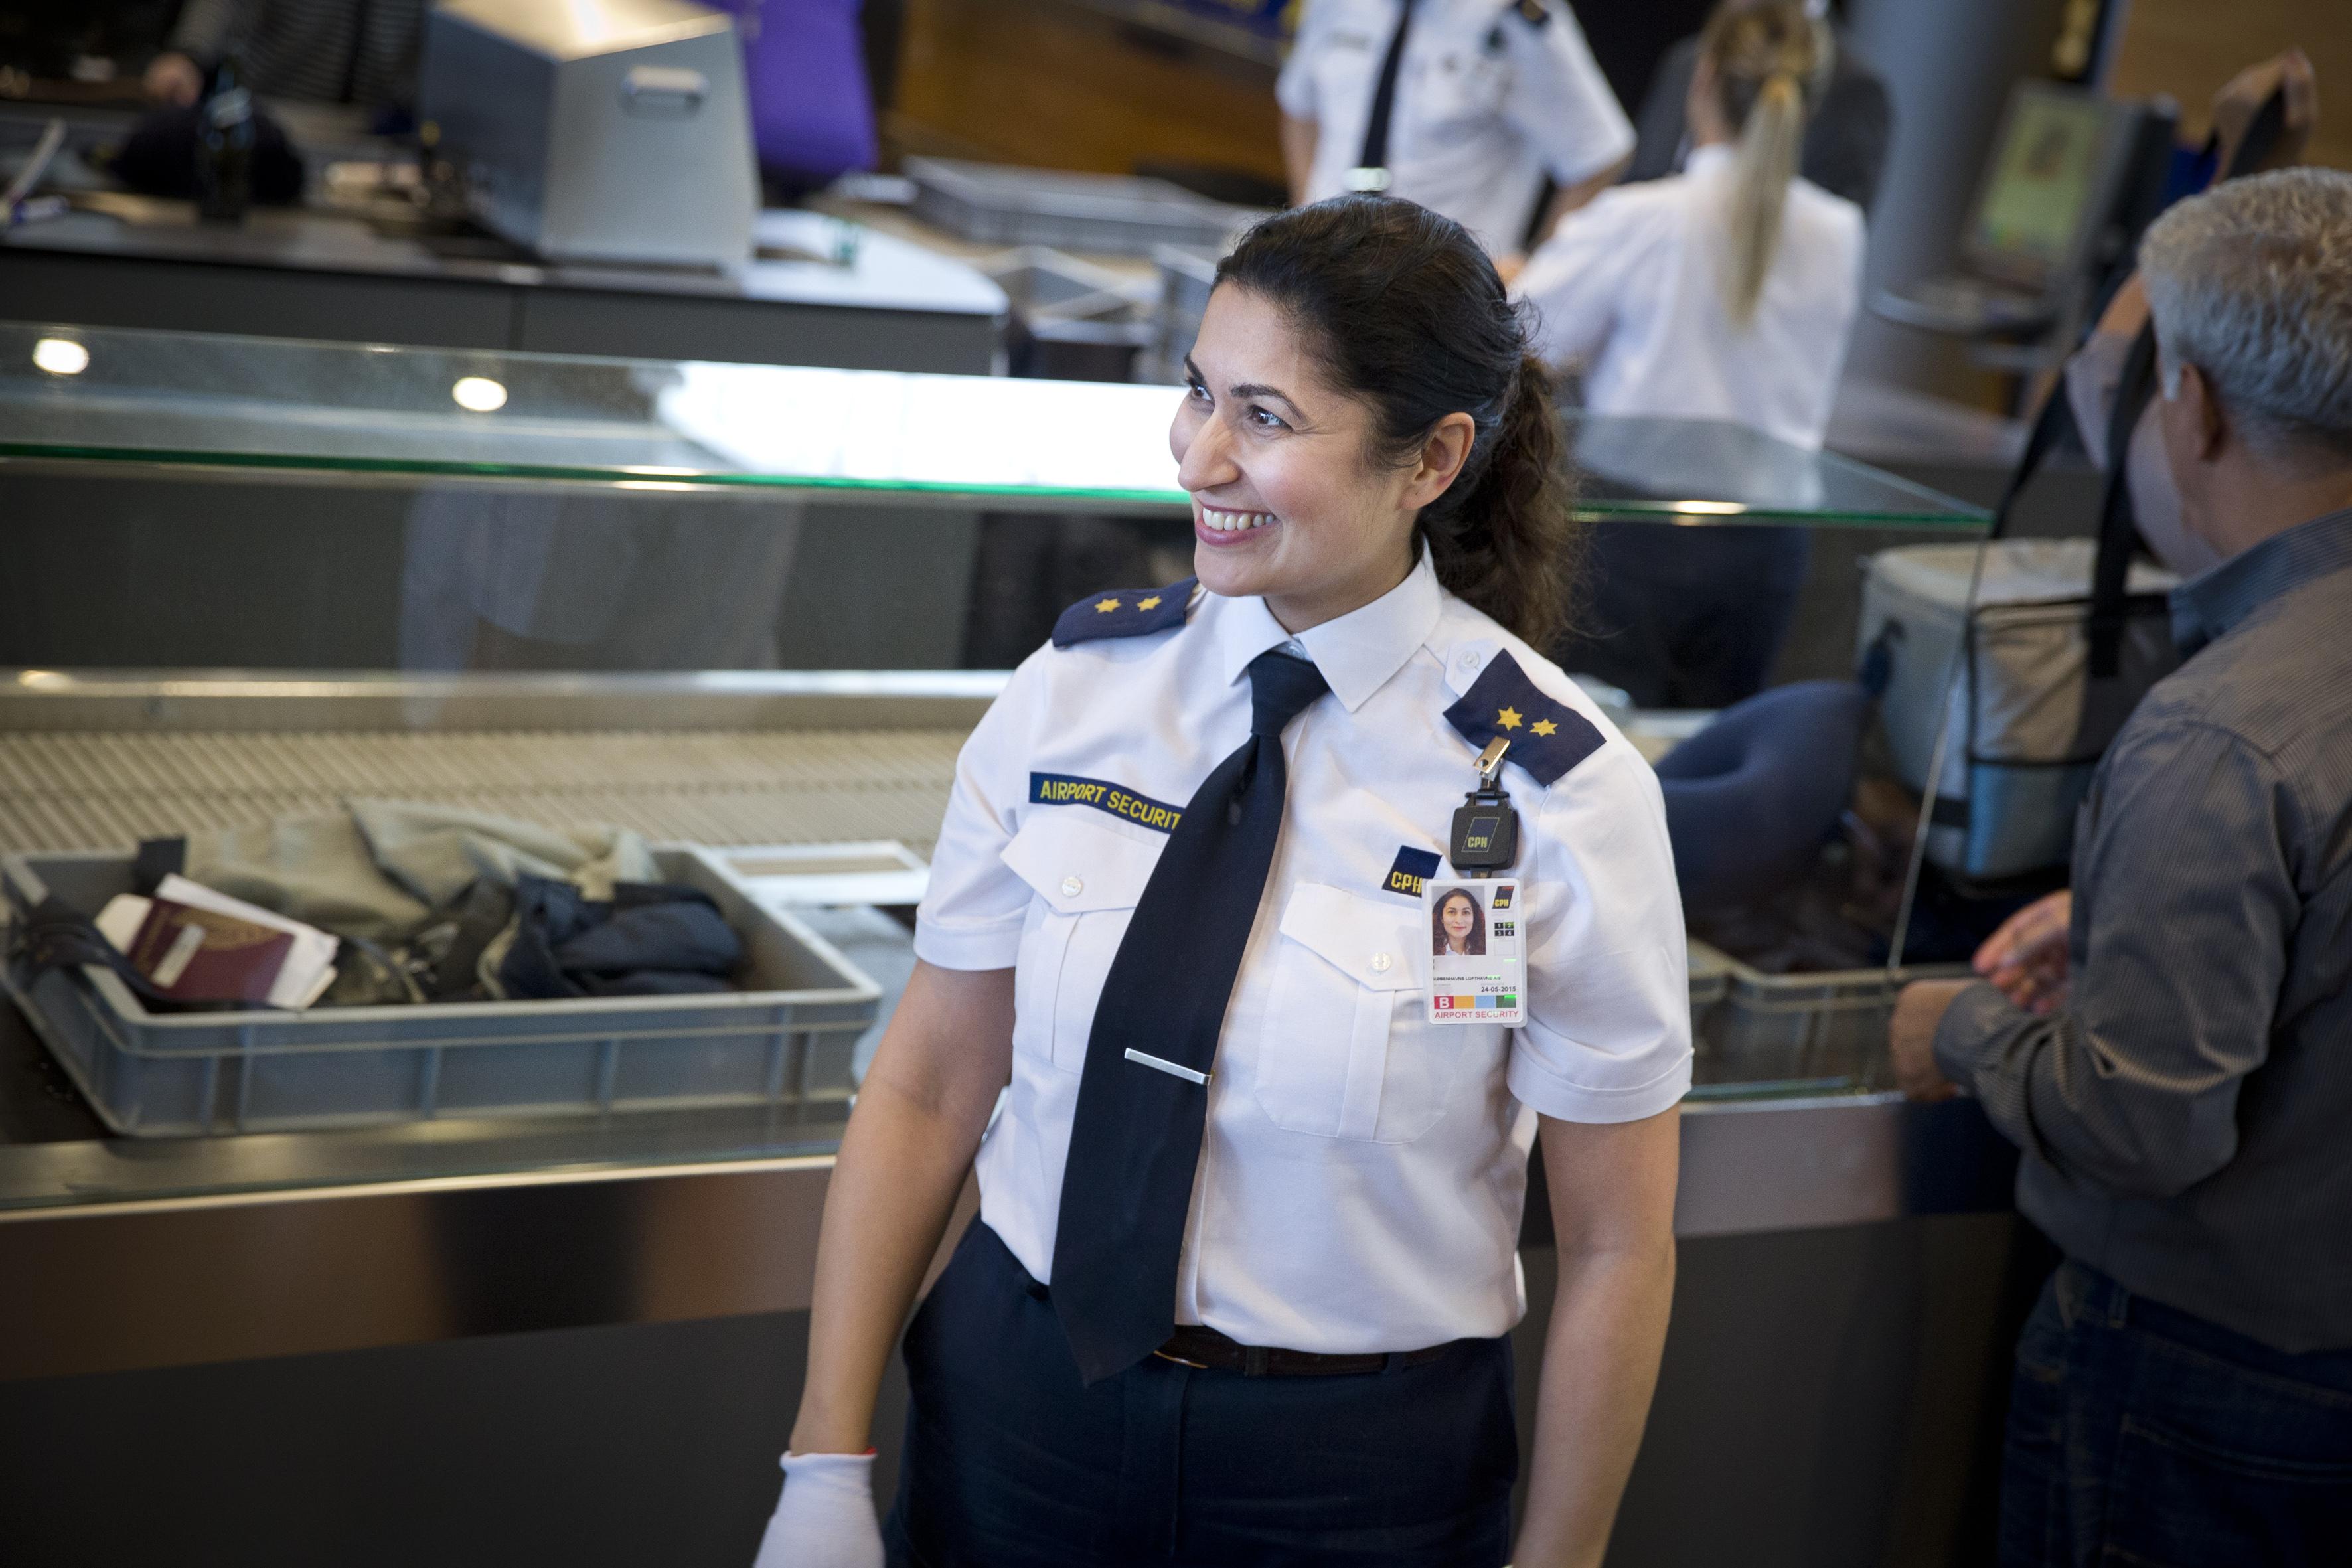 CSC, den centrale sikkerhedskontrol i Københavns Lufthavn, havde sidste år en gennemsnitlig ventetid på lige under fire minutter. Foto: Københavns Lufthavn.